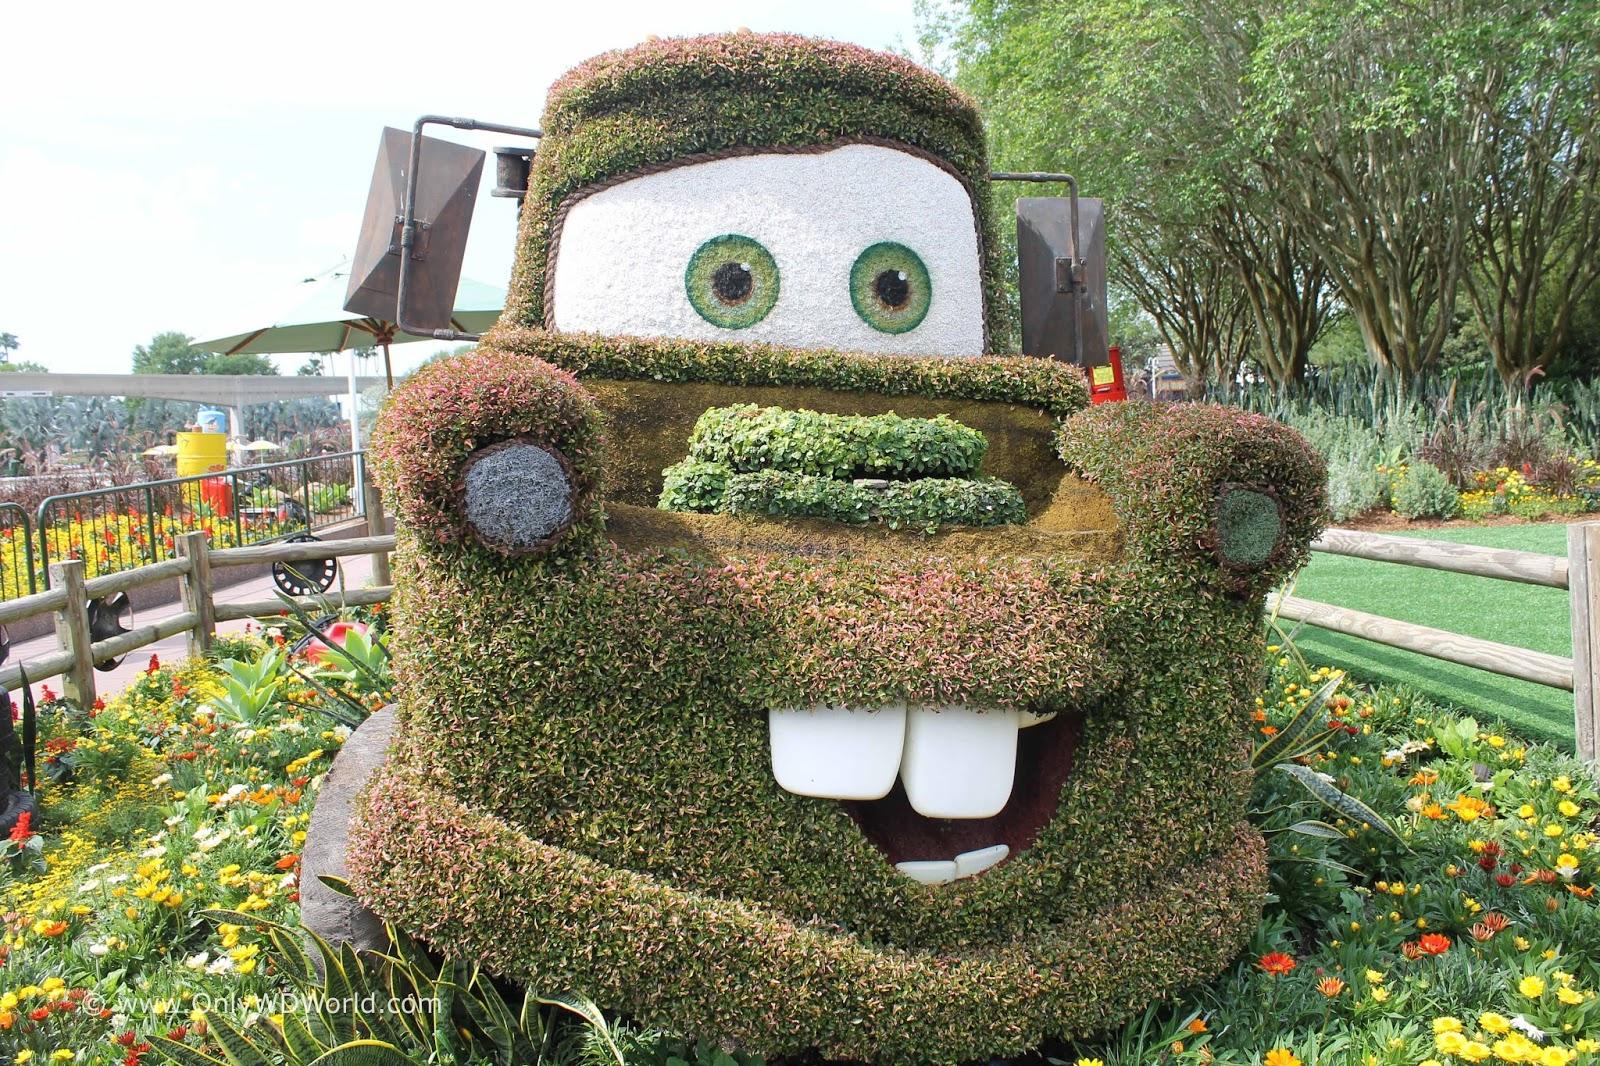 Epcot International Flower & Garden Festival Dates for 2016